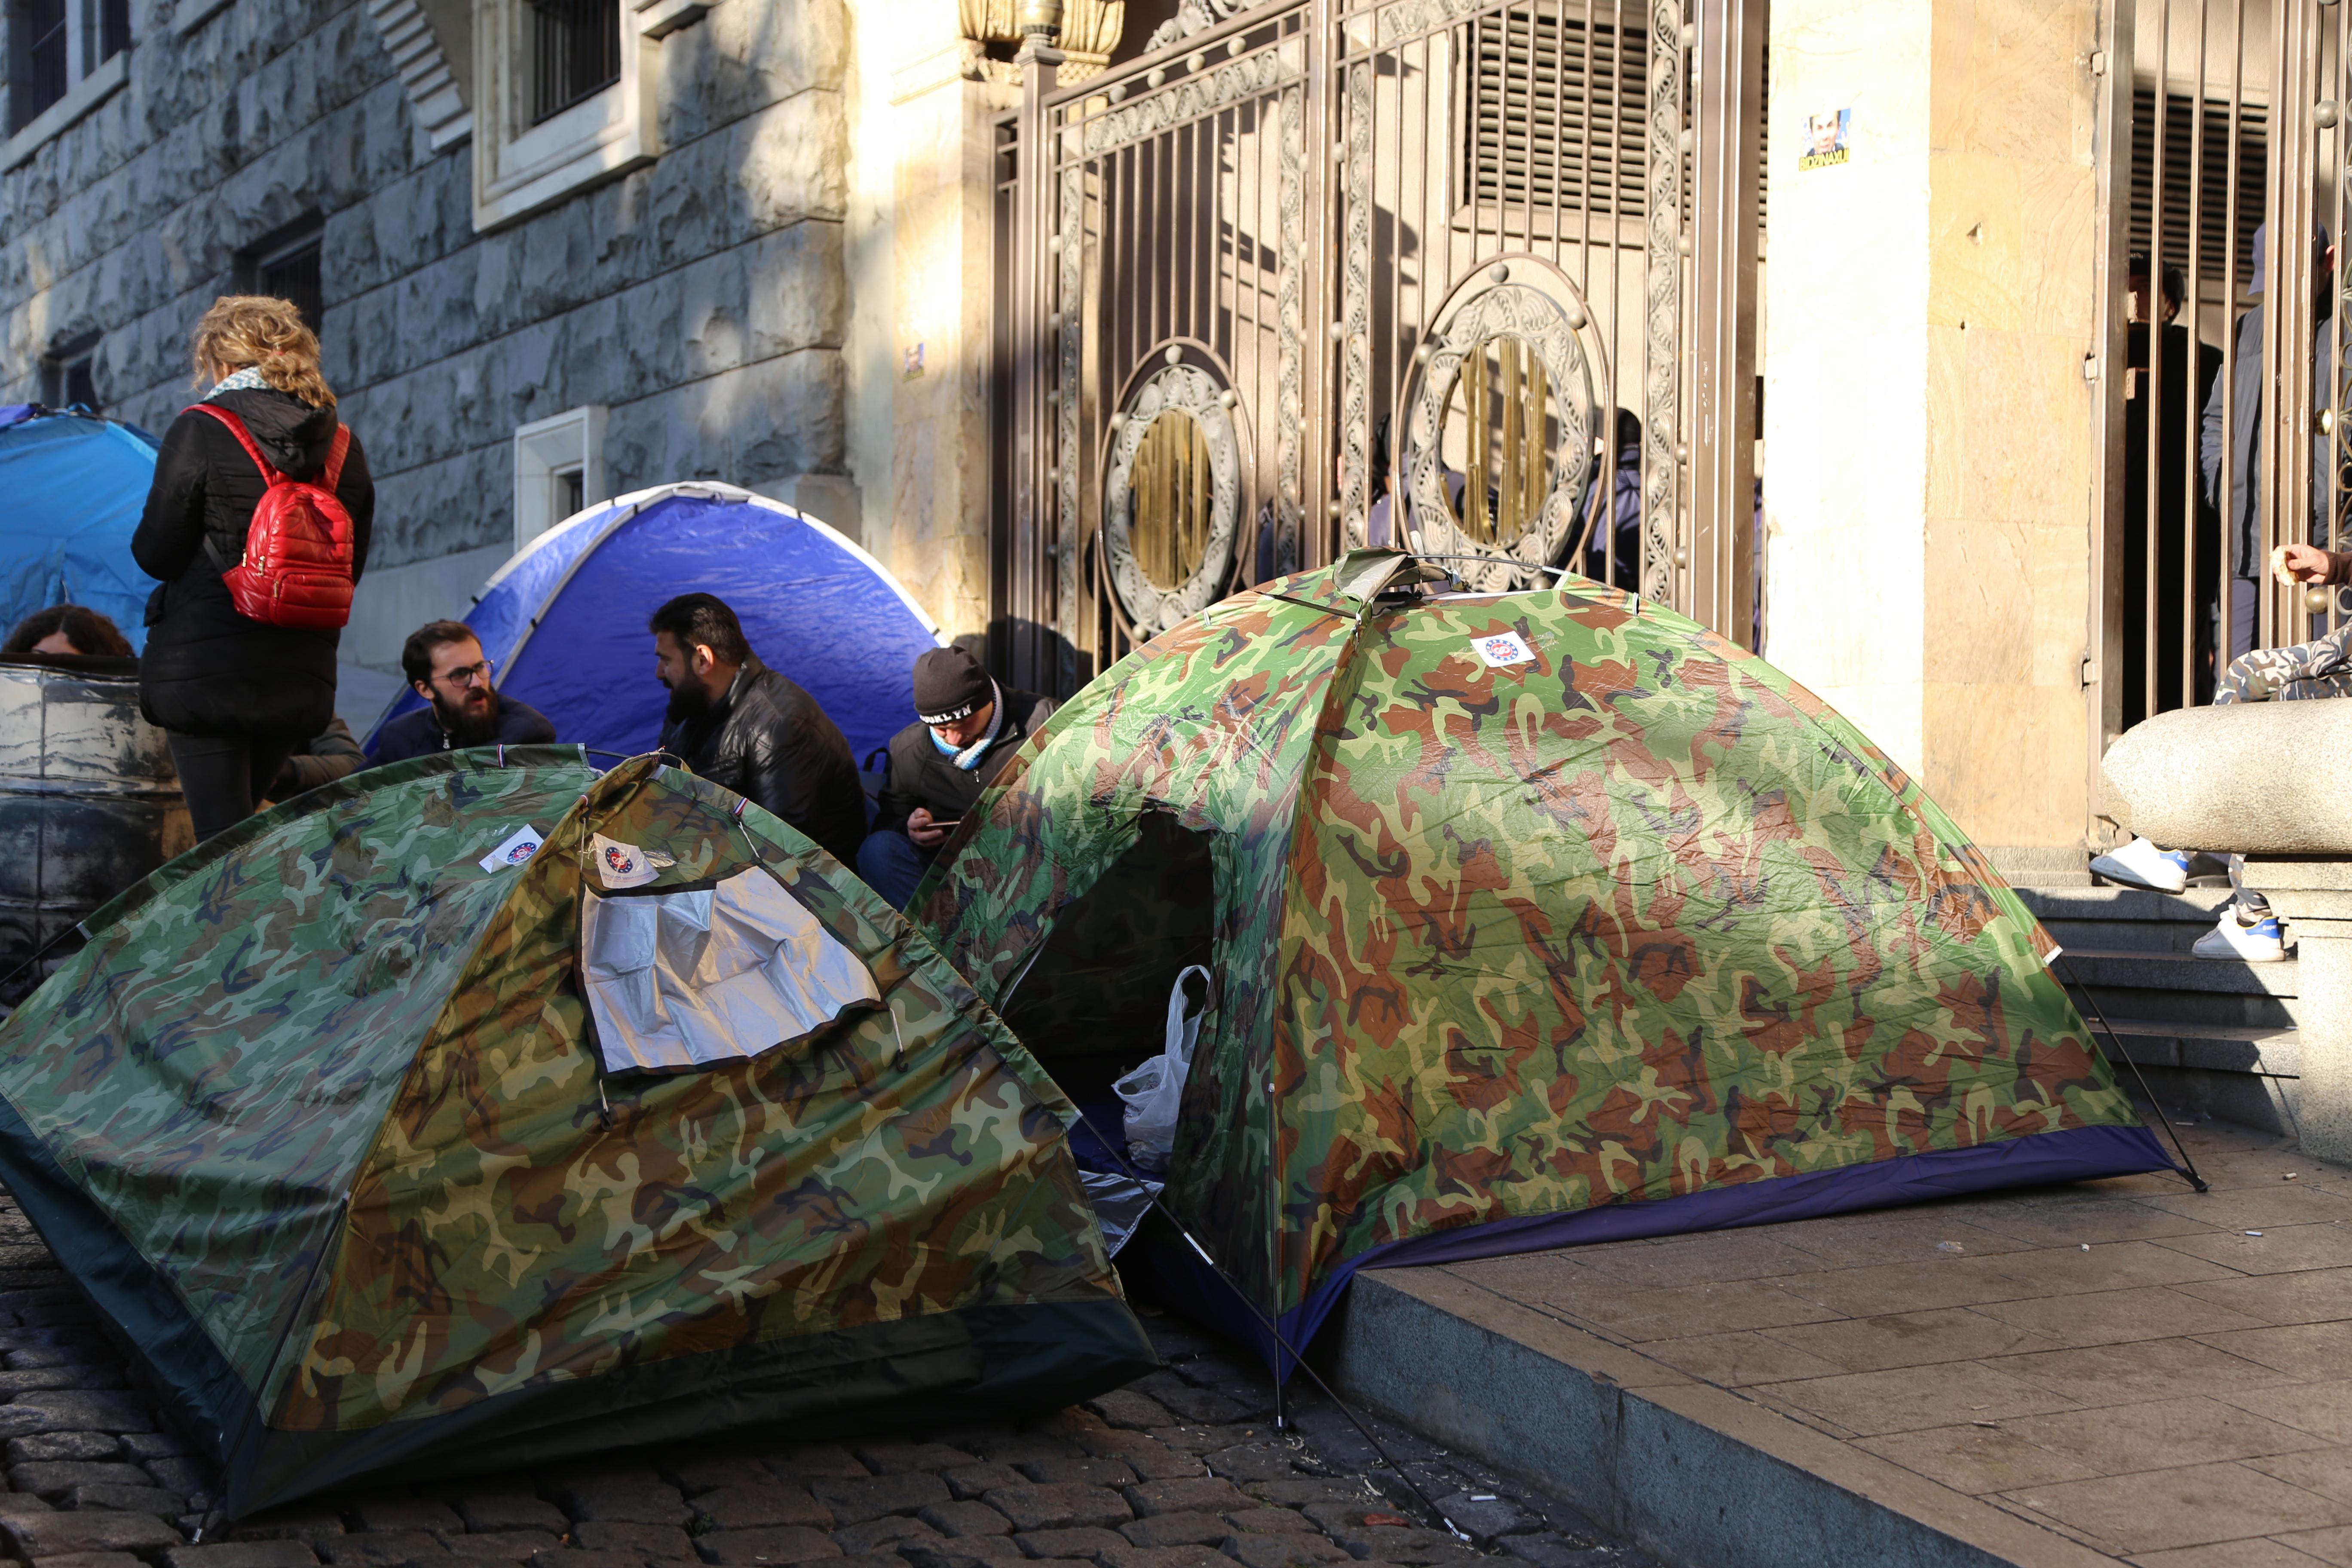 Akcia_Parliament Photo: Doana Shanava SOVA